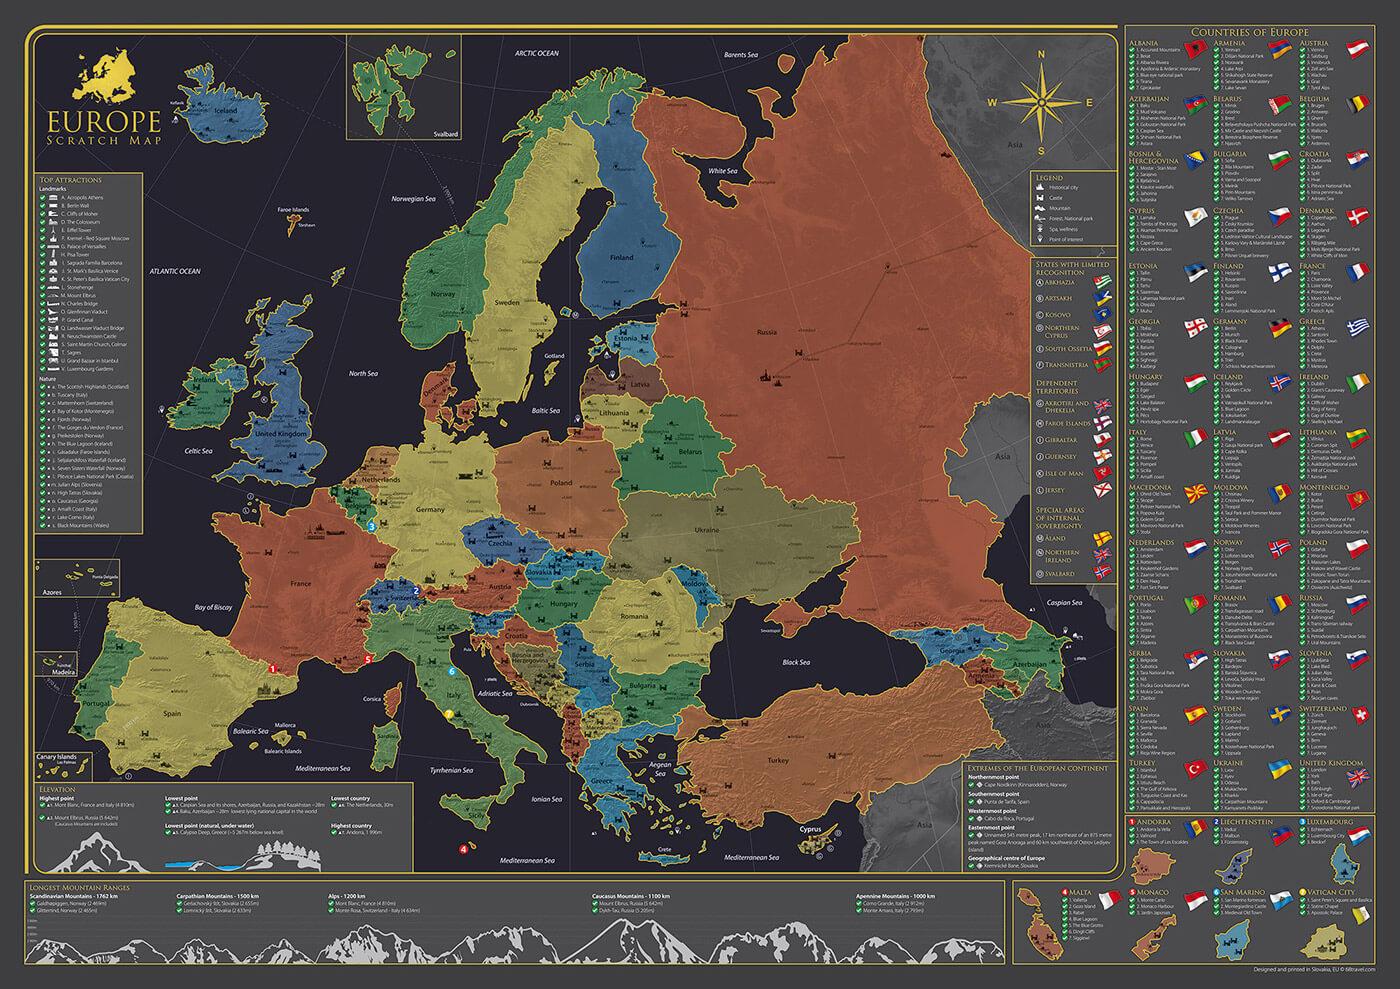 Nástenná mapa Európy - poster bez stieracej fólie